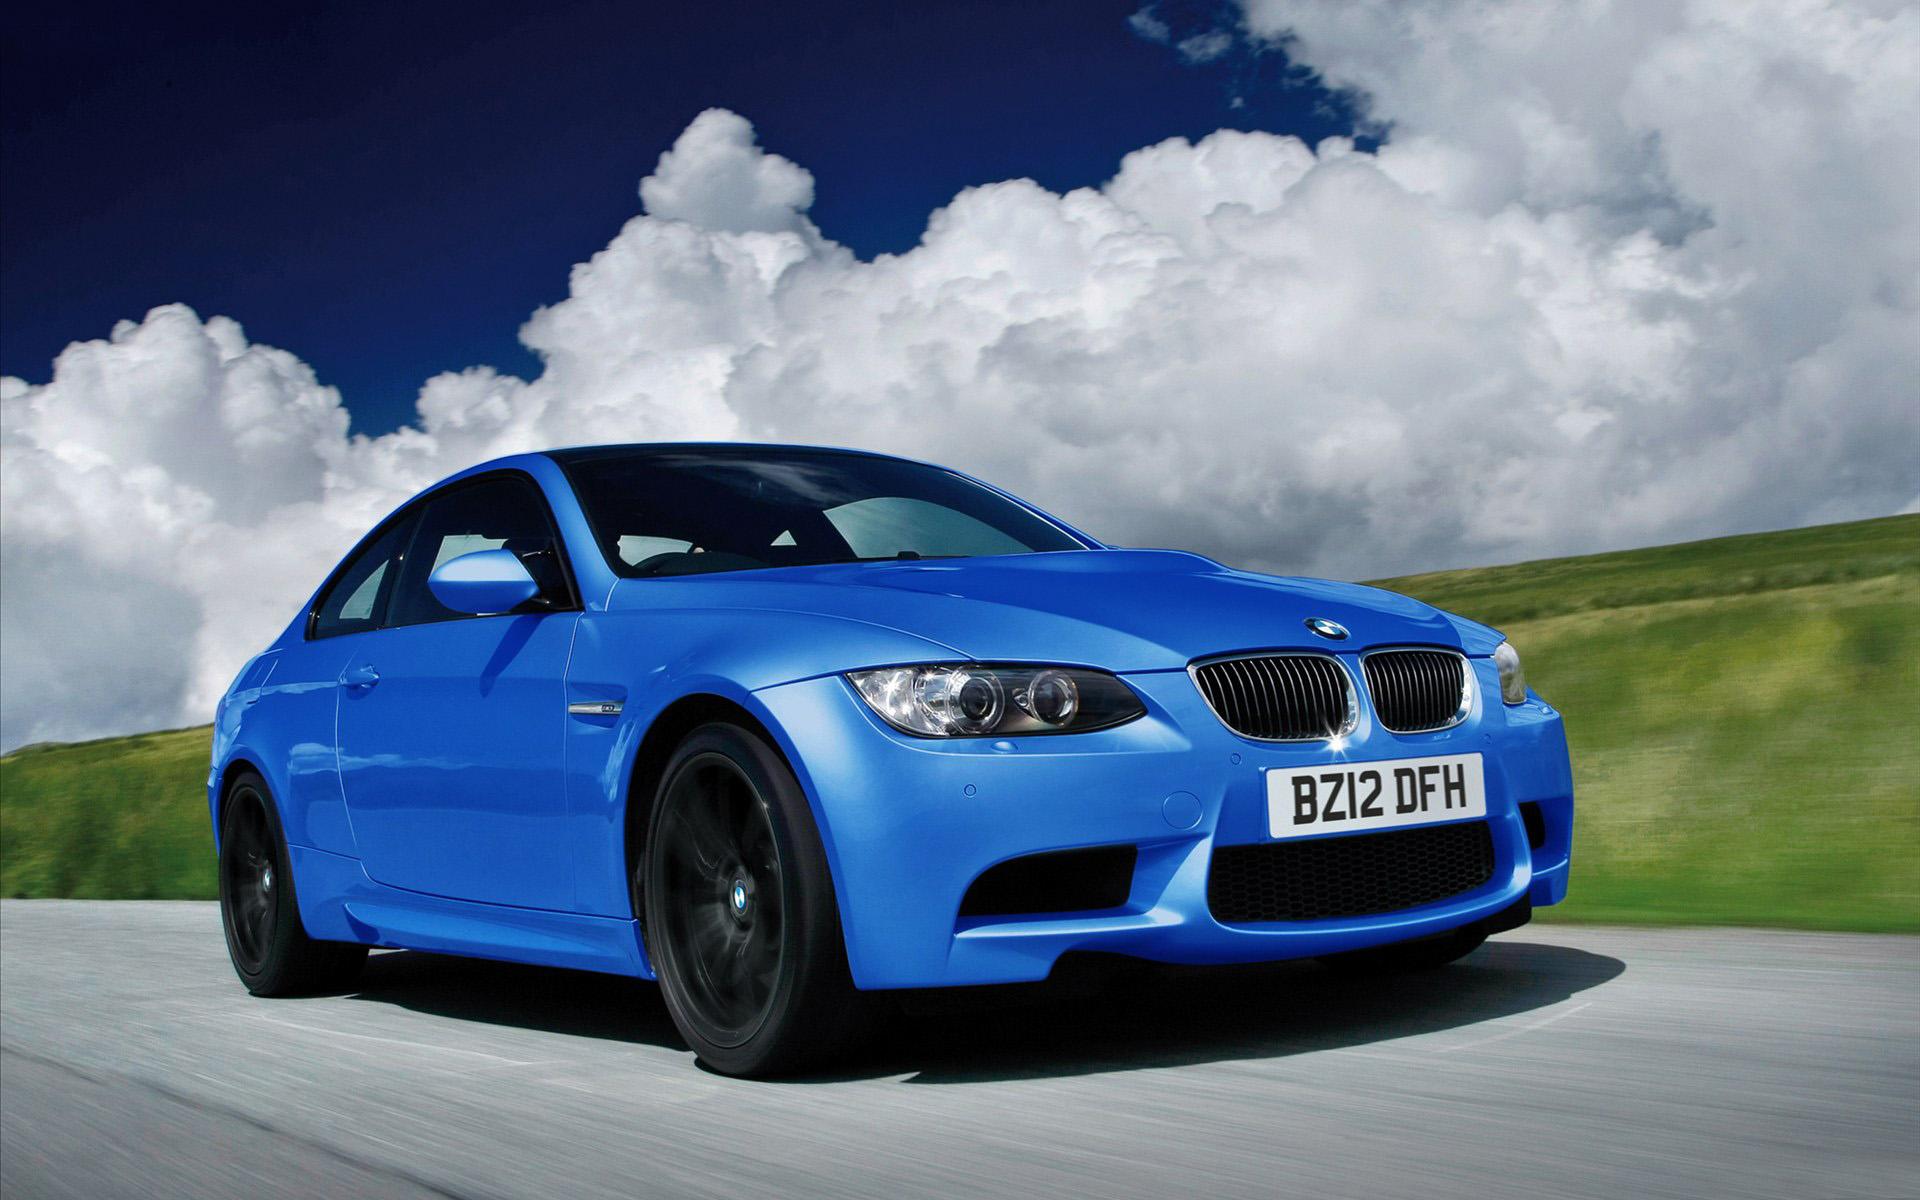 BMW M3 Wallpaper Free Download